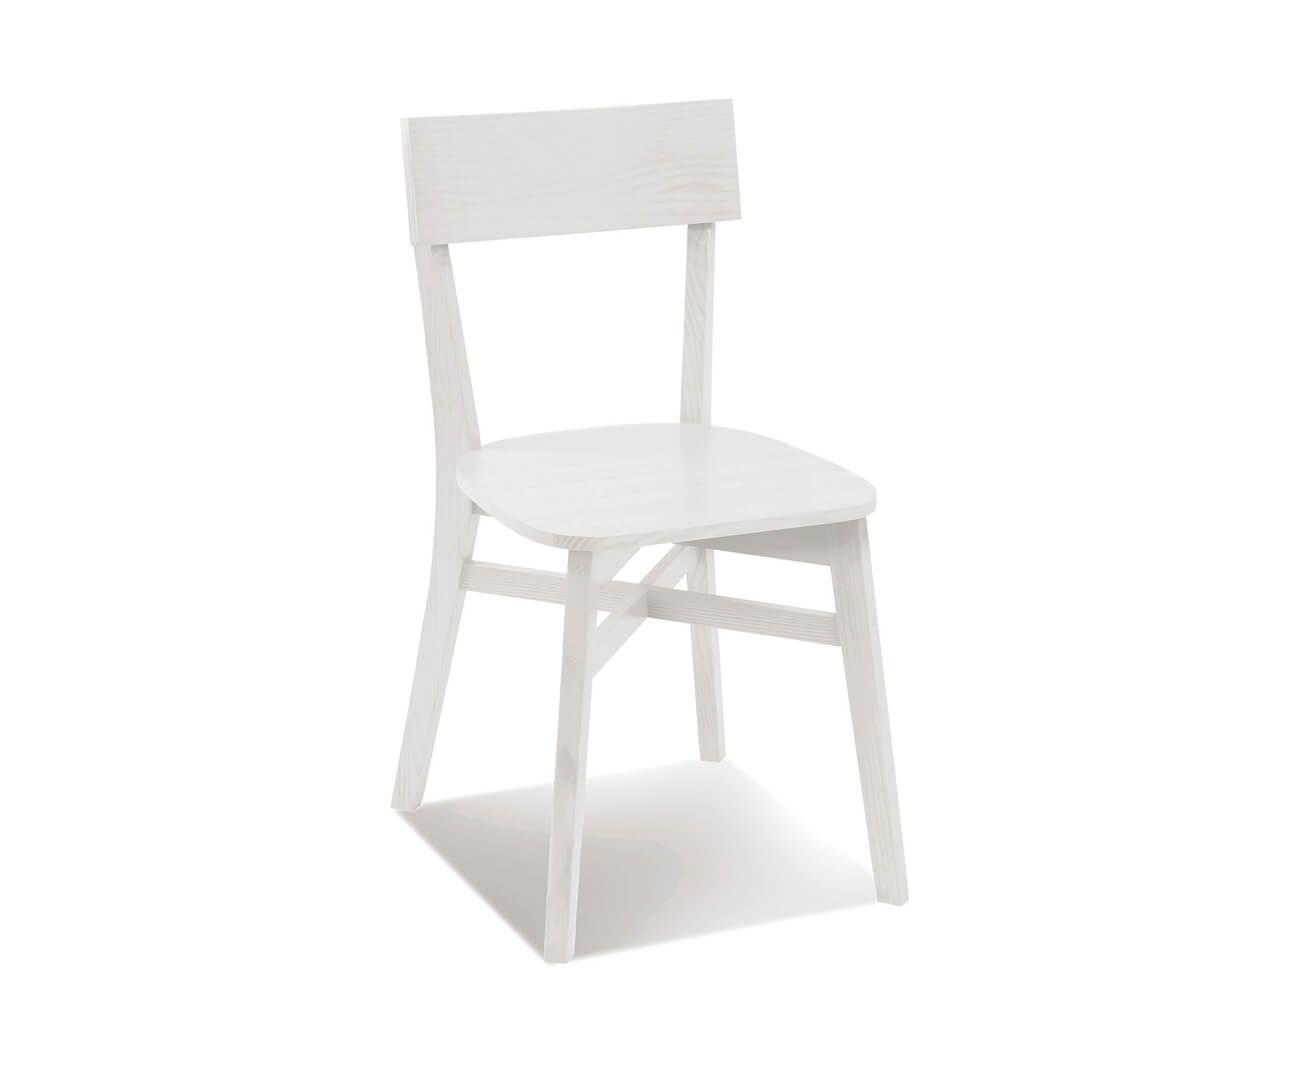 cadeira de madeira smart 0014